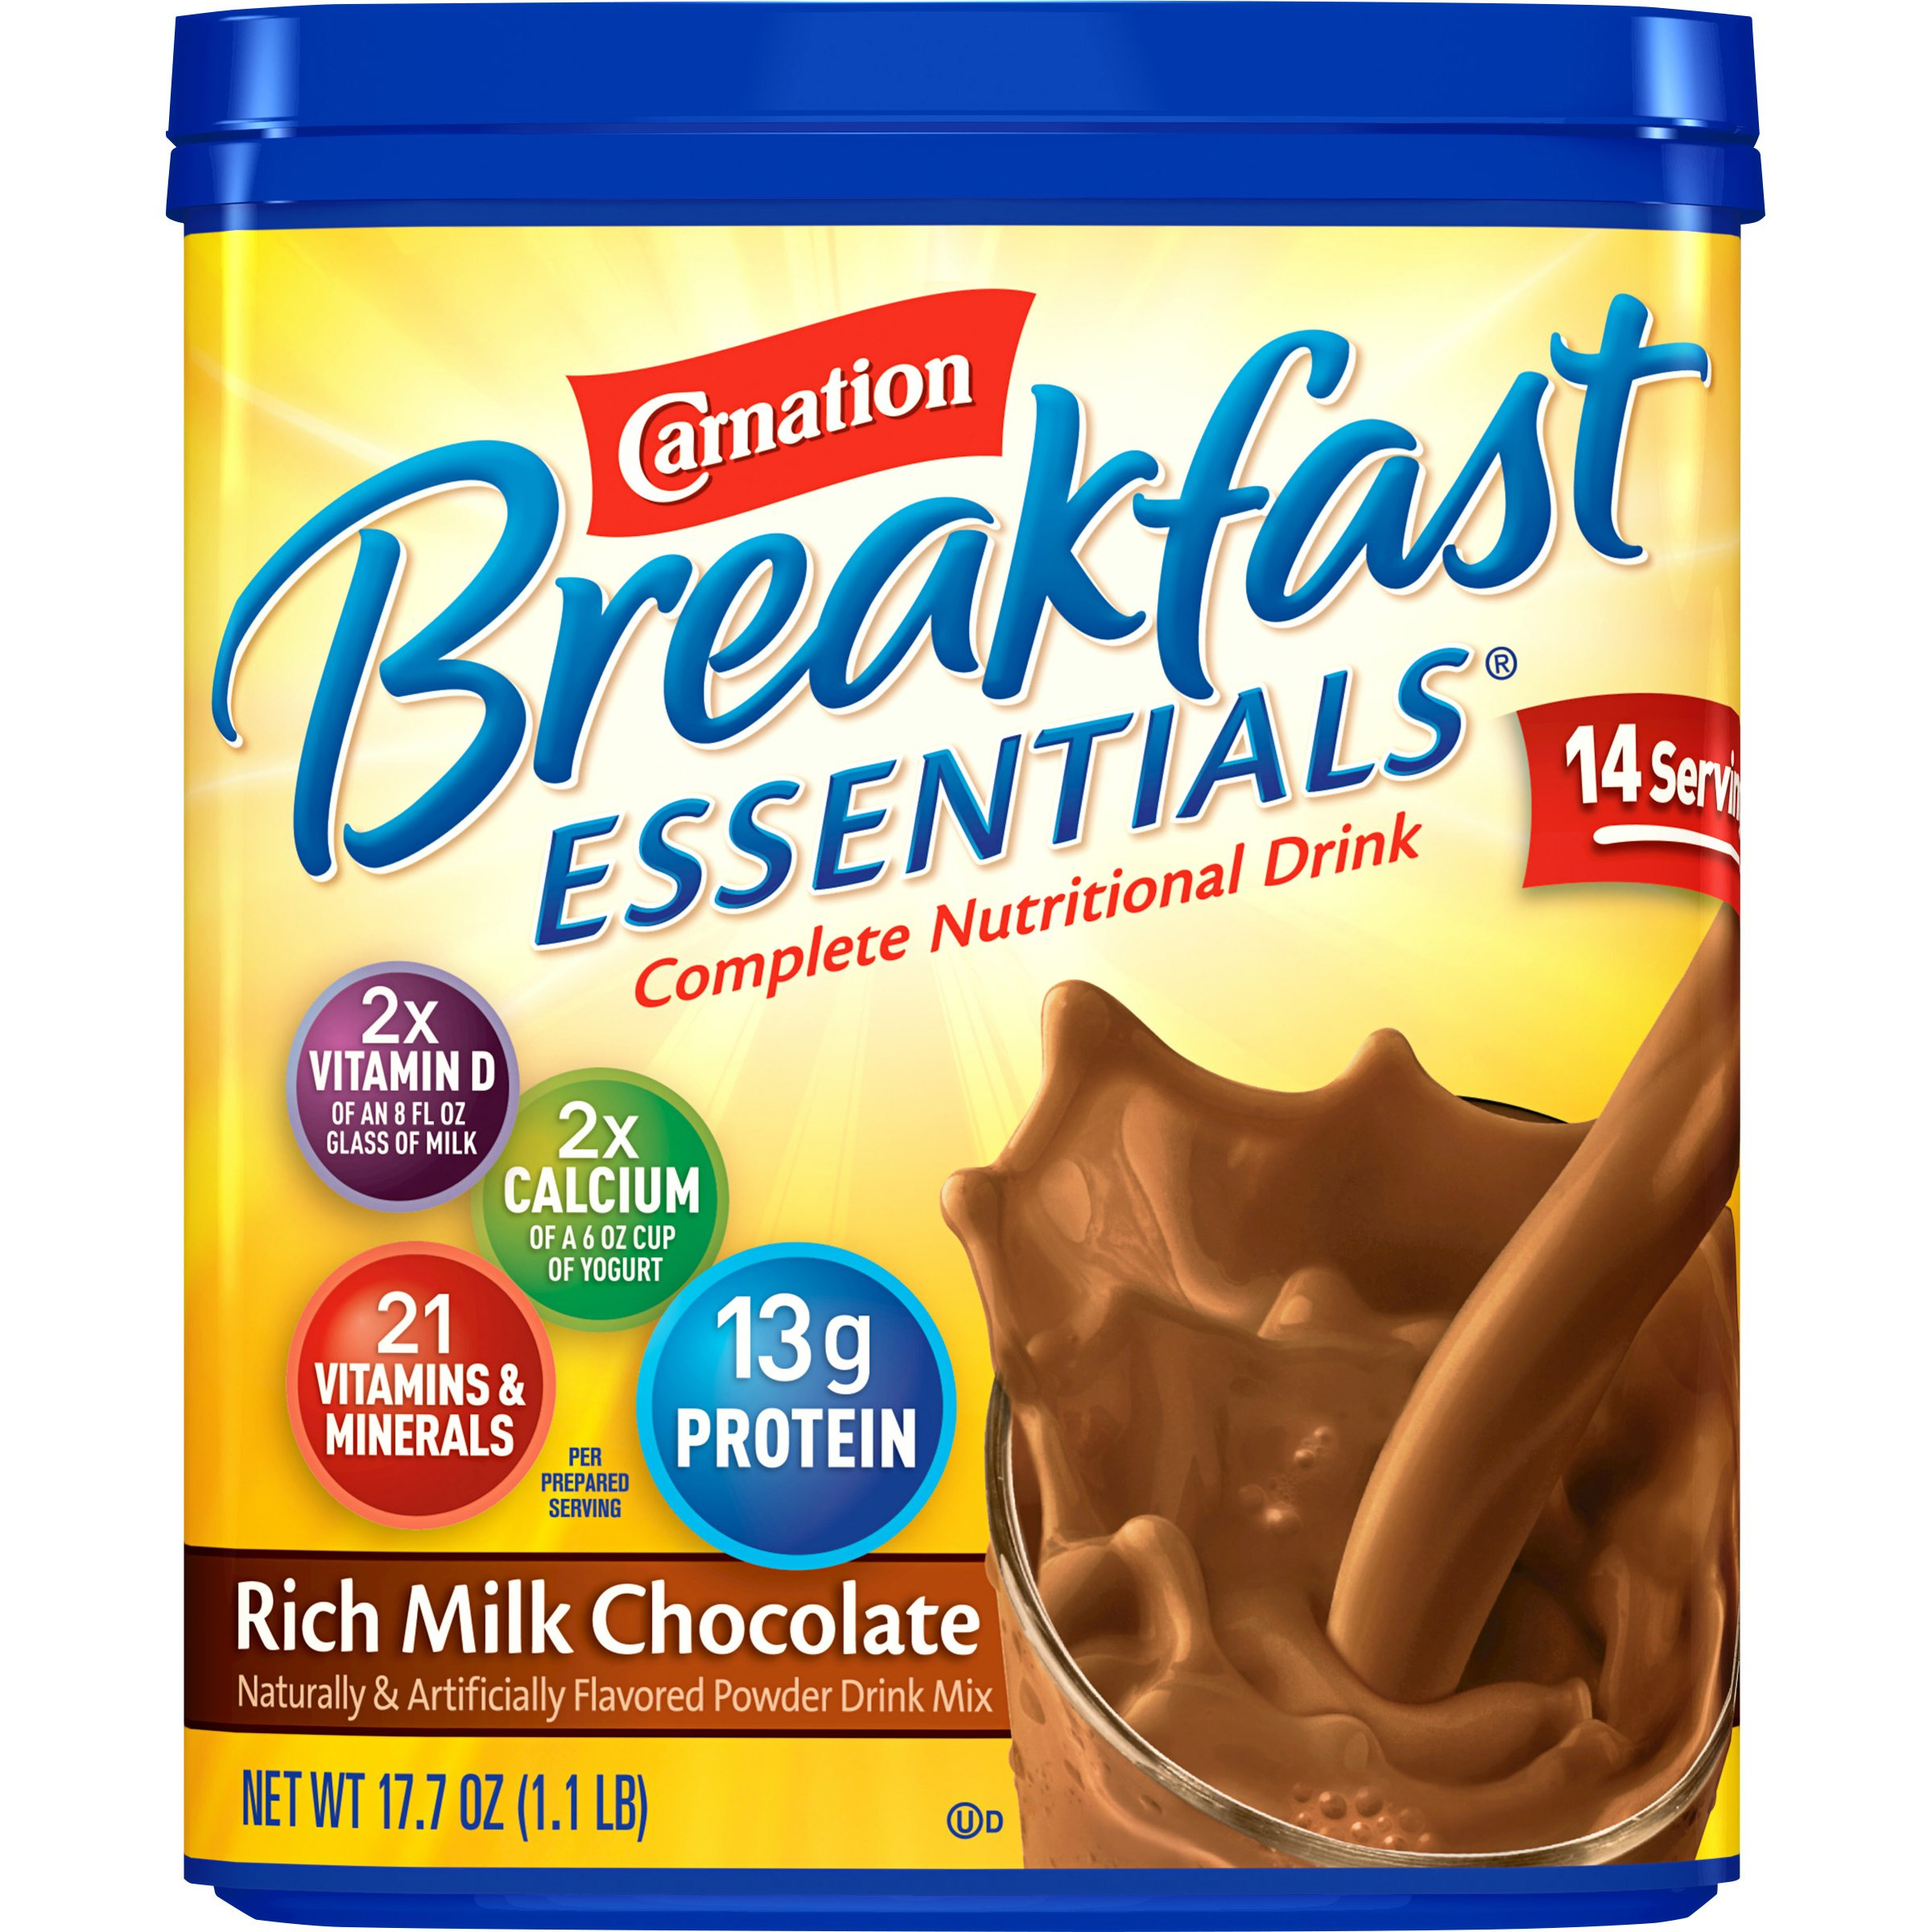 Carnation Breakfast Essentials Chocolate Powder, 17.7 Ounce Canister by Carnation Breakfast Essentials